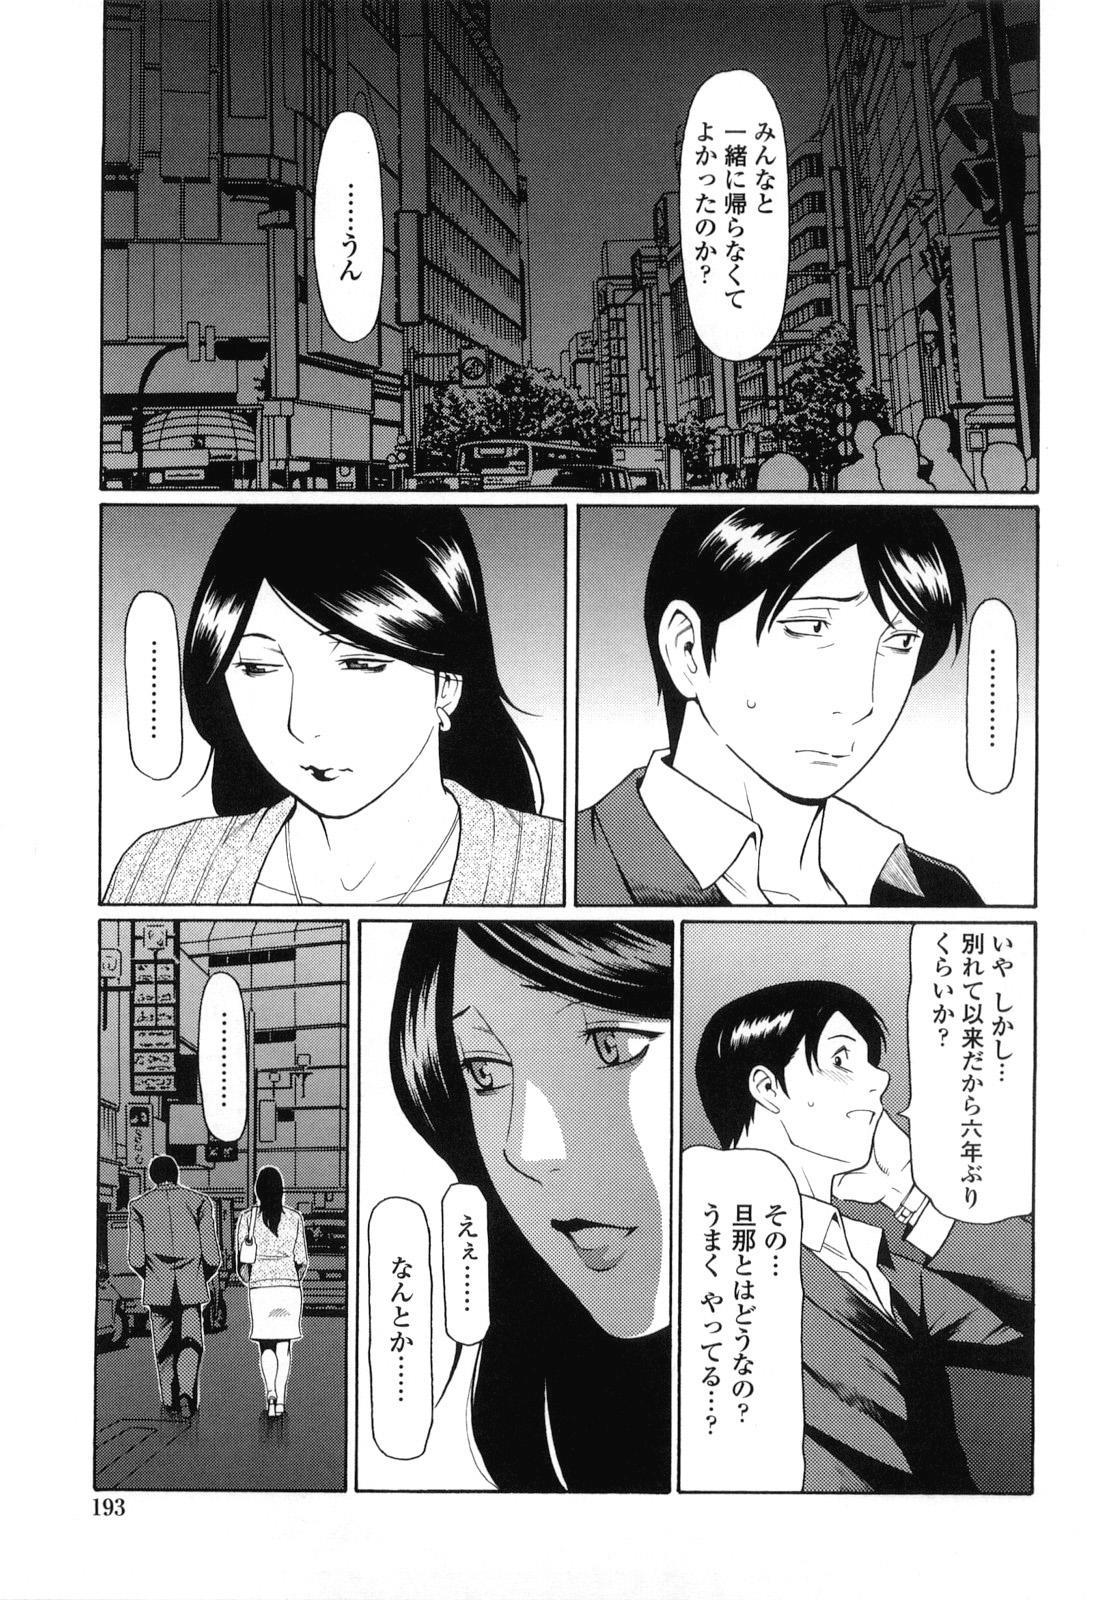 [Takasugi Kou] Kindan no Haha-Ana - Immorality Love-Hole Ch. 11-12 [Decensored] 20